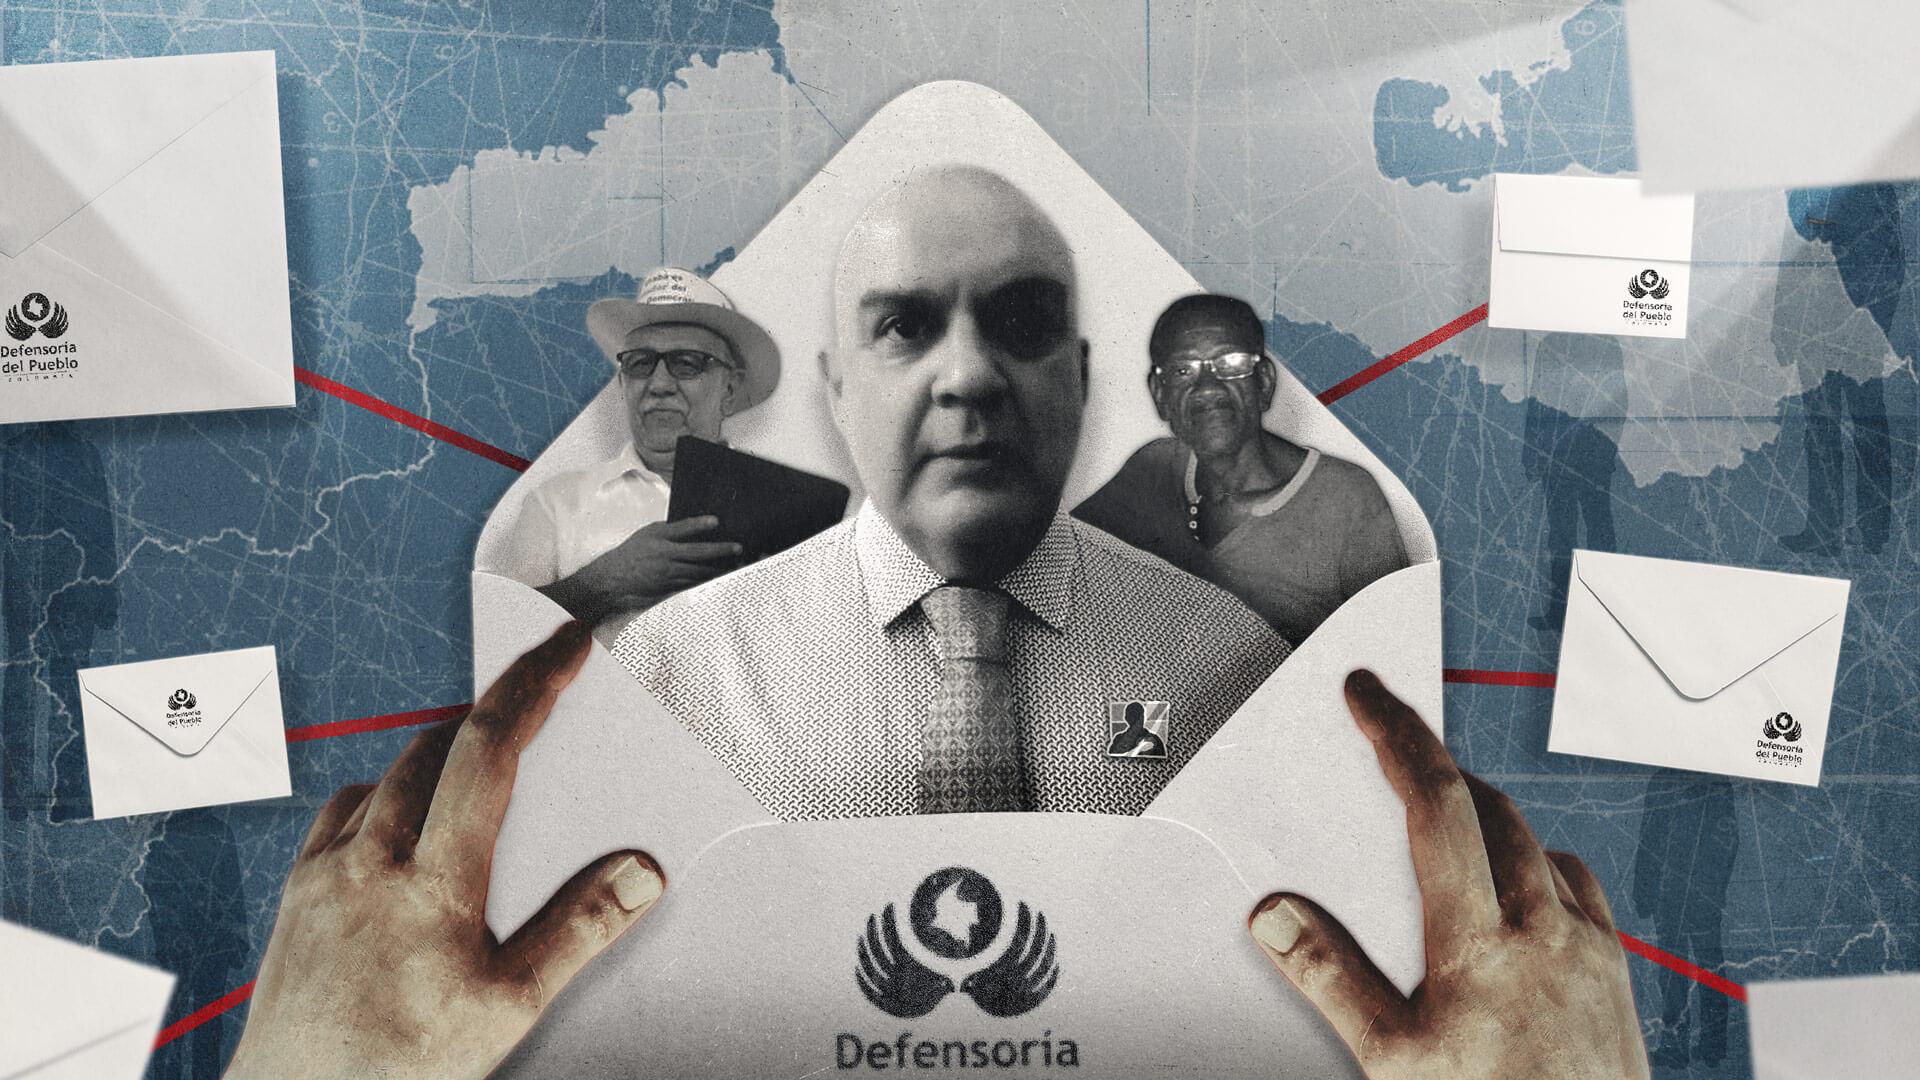 Con un cuestionable club de fans, la Defensoría justifica el nombramiento de José Rendón en Urabá